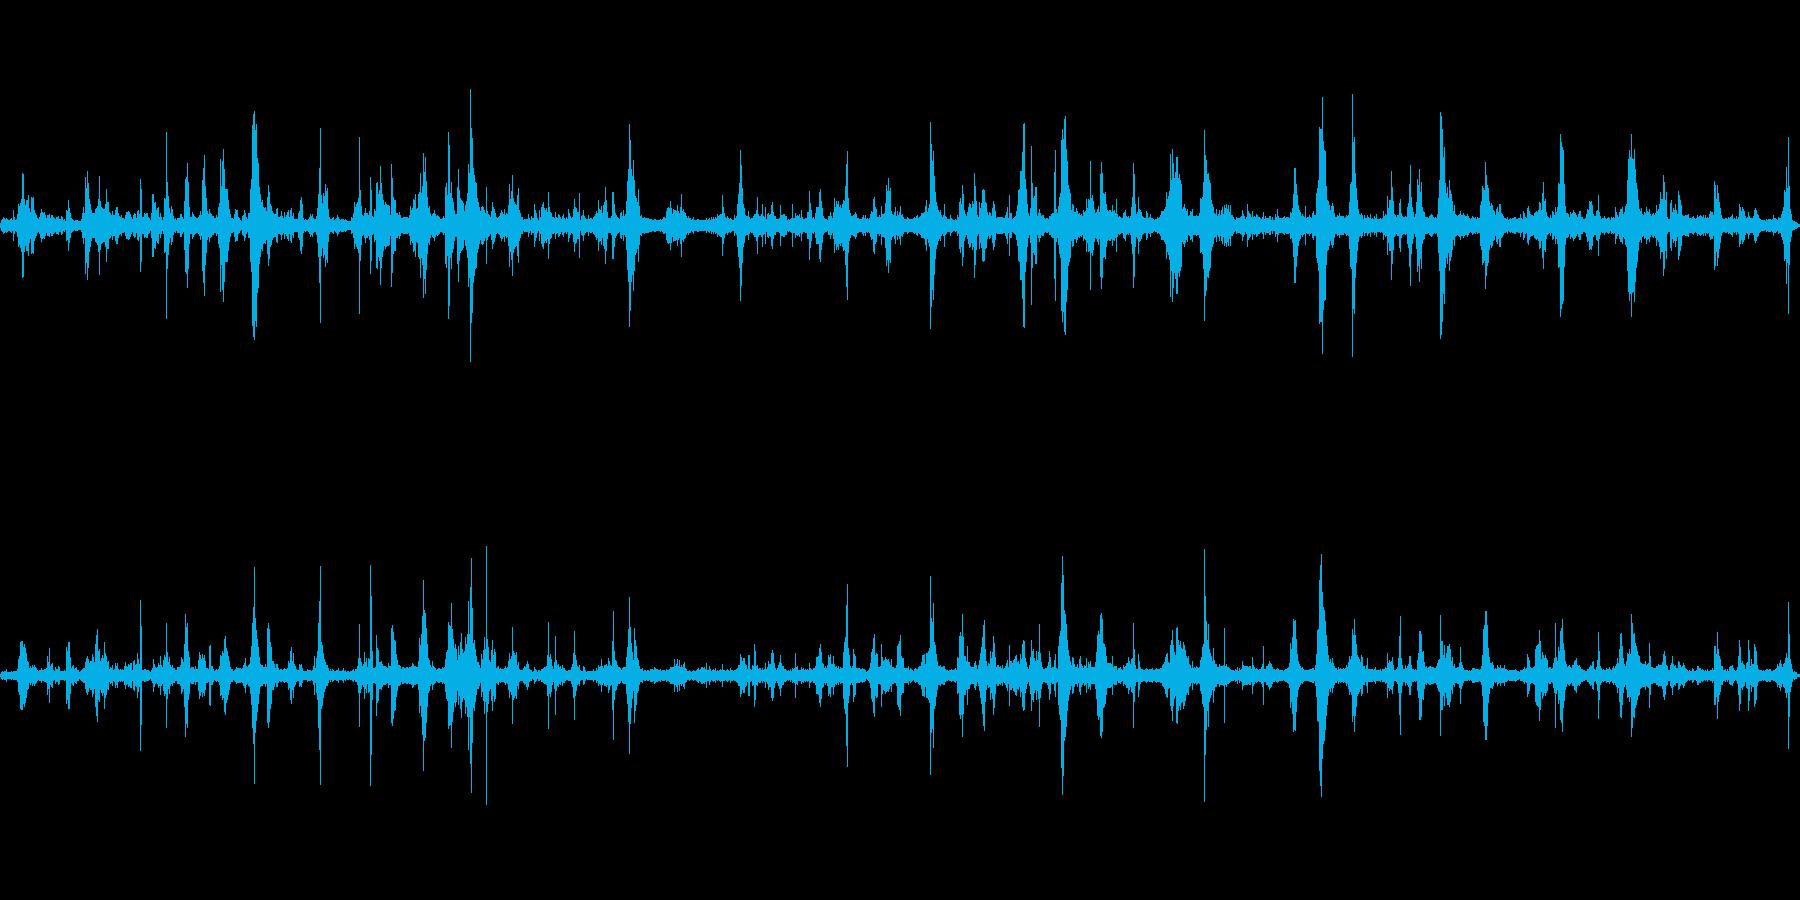 石の海岸の波音の再生済みの波形